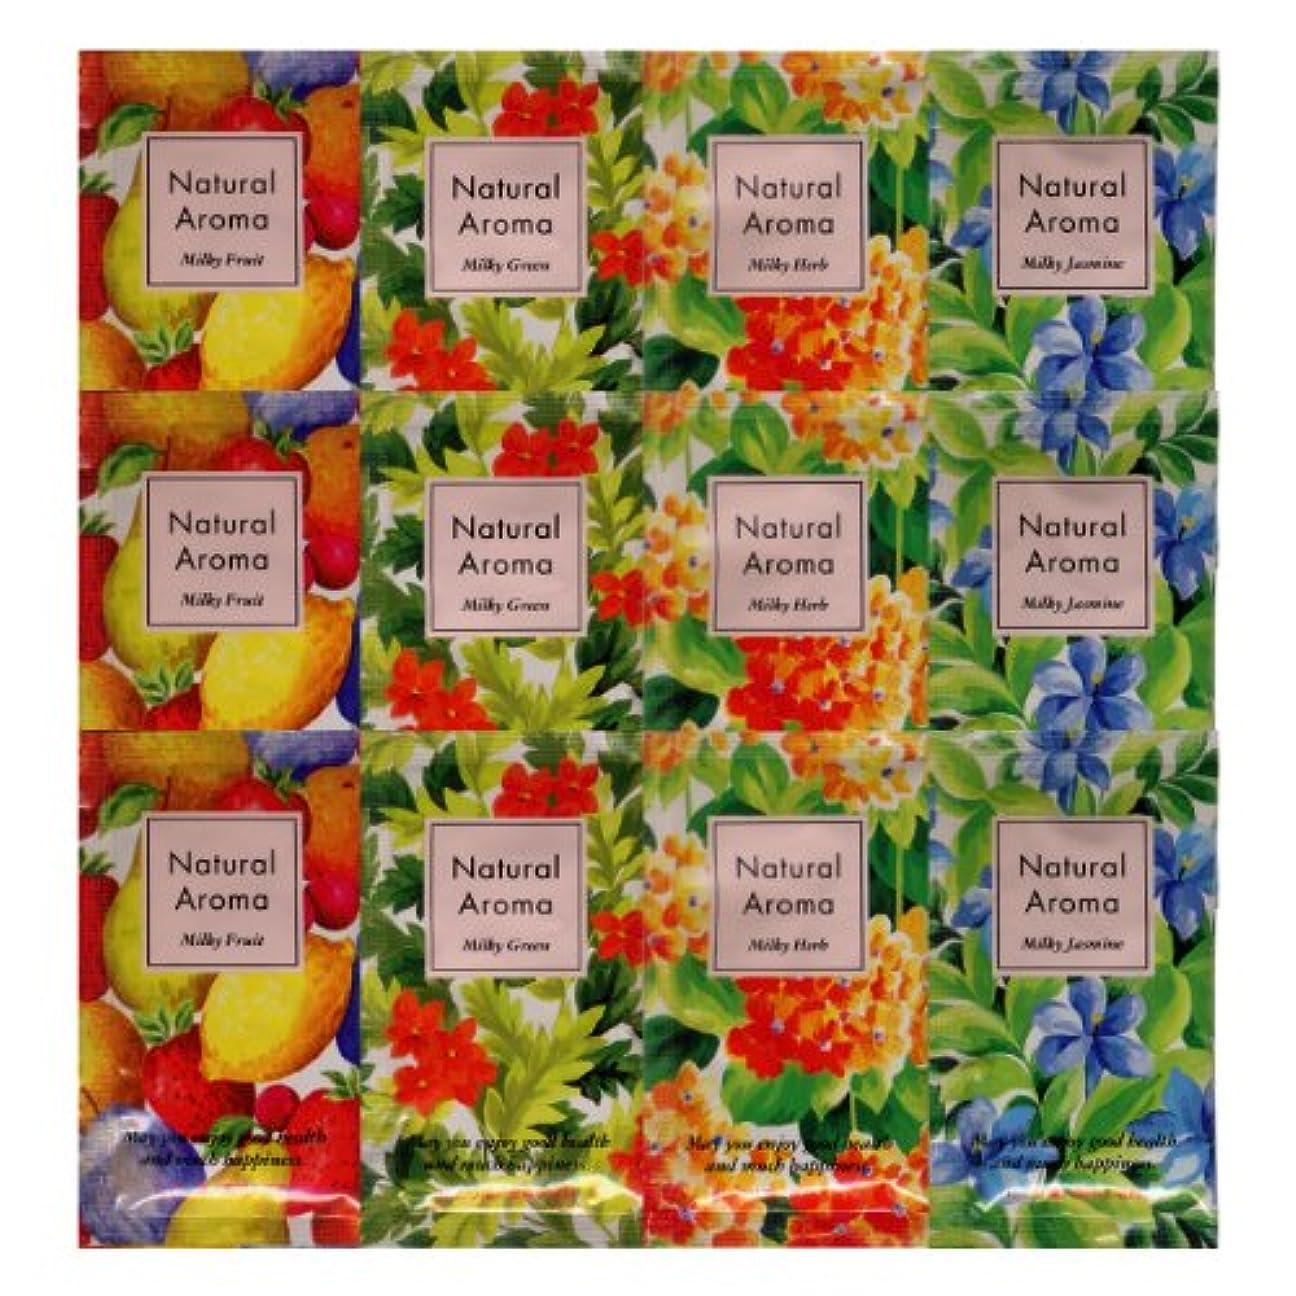 スリーブおとうさんレイプナチュラルアロマ 入浴剤 ミルキーハーブ 4種類×3 12包セット